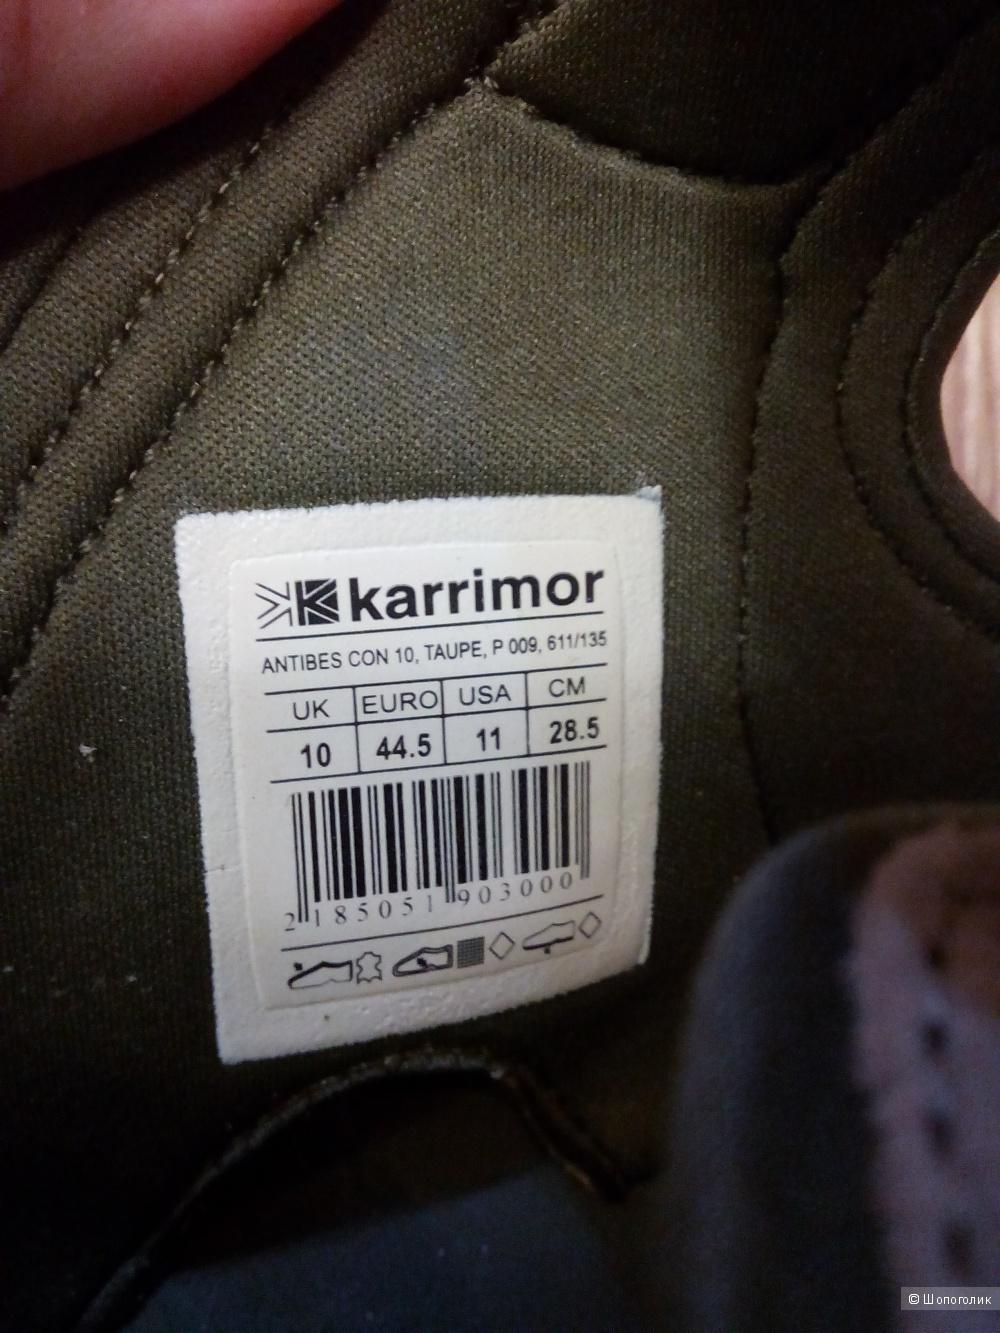 Сандалии karrimor 44,5  европейский, 10 английский